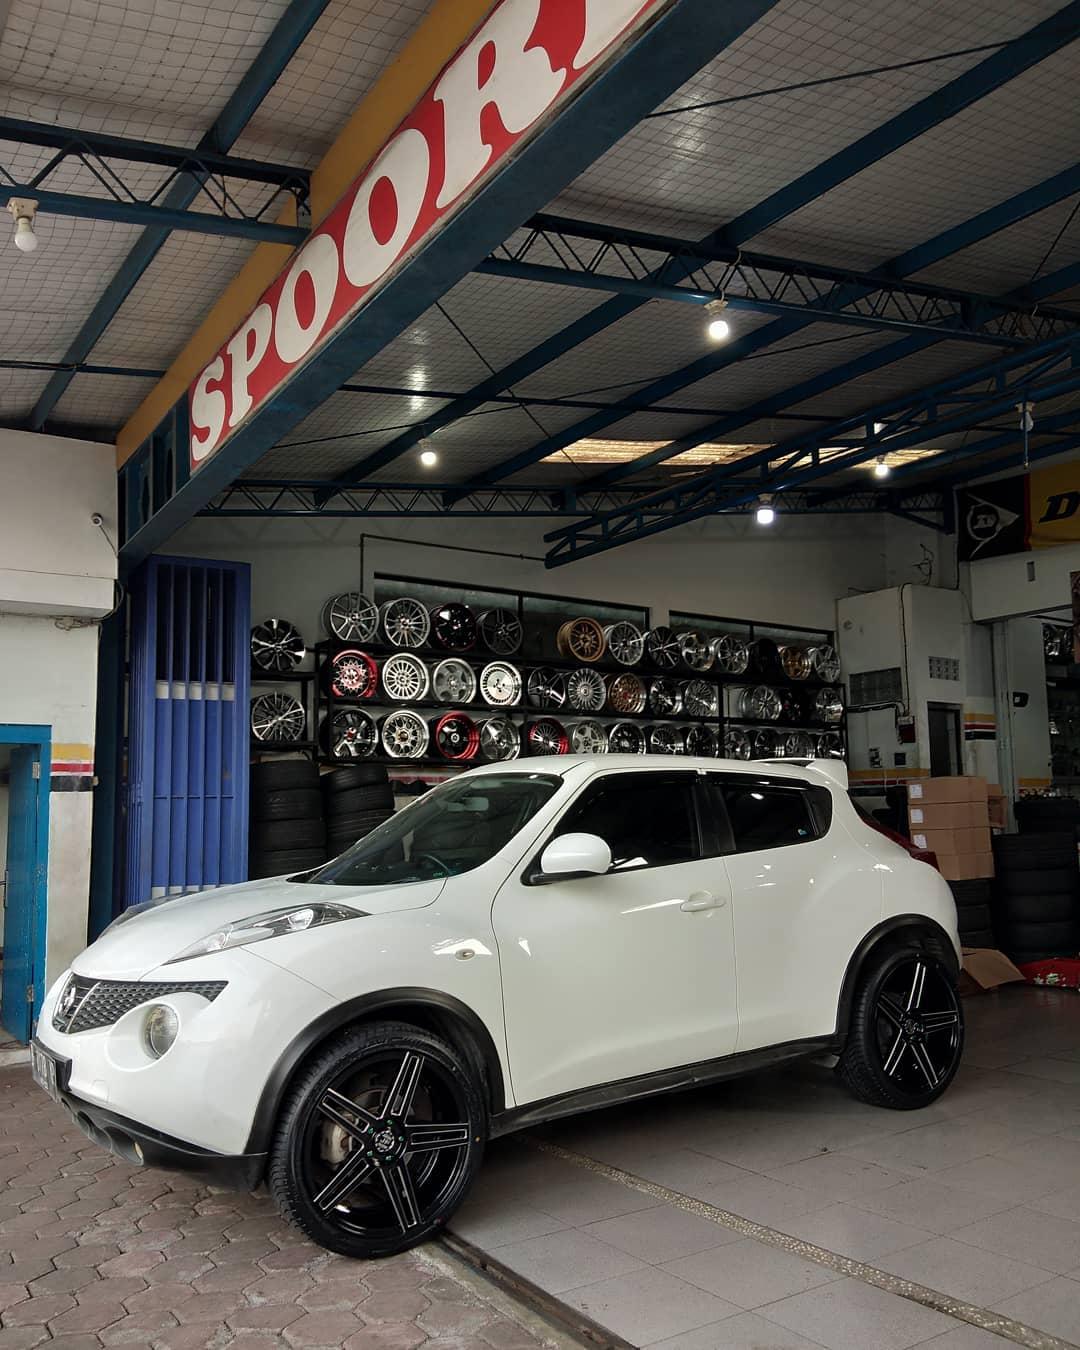 Nissan Juke On FIVE STAR Gloss Black Milling 20x8.5/8.5 5x114.3 +40 +35 By JF Luxury Wheels